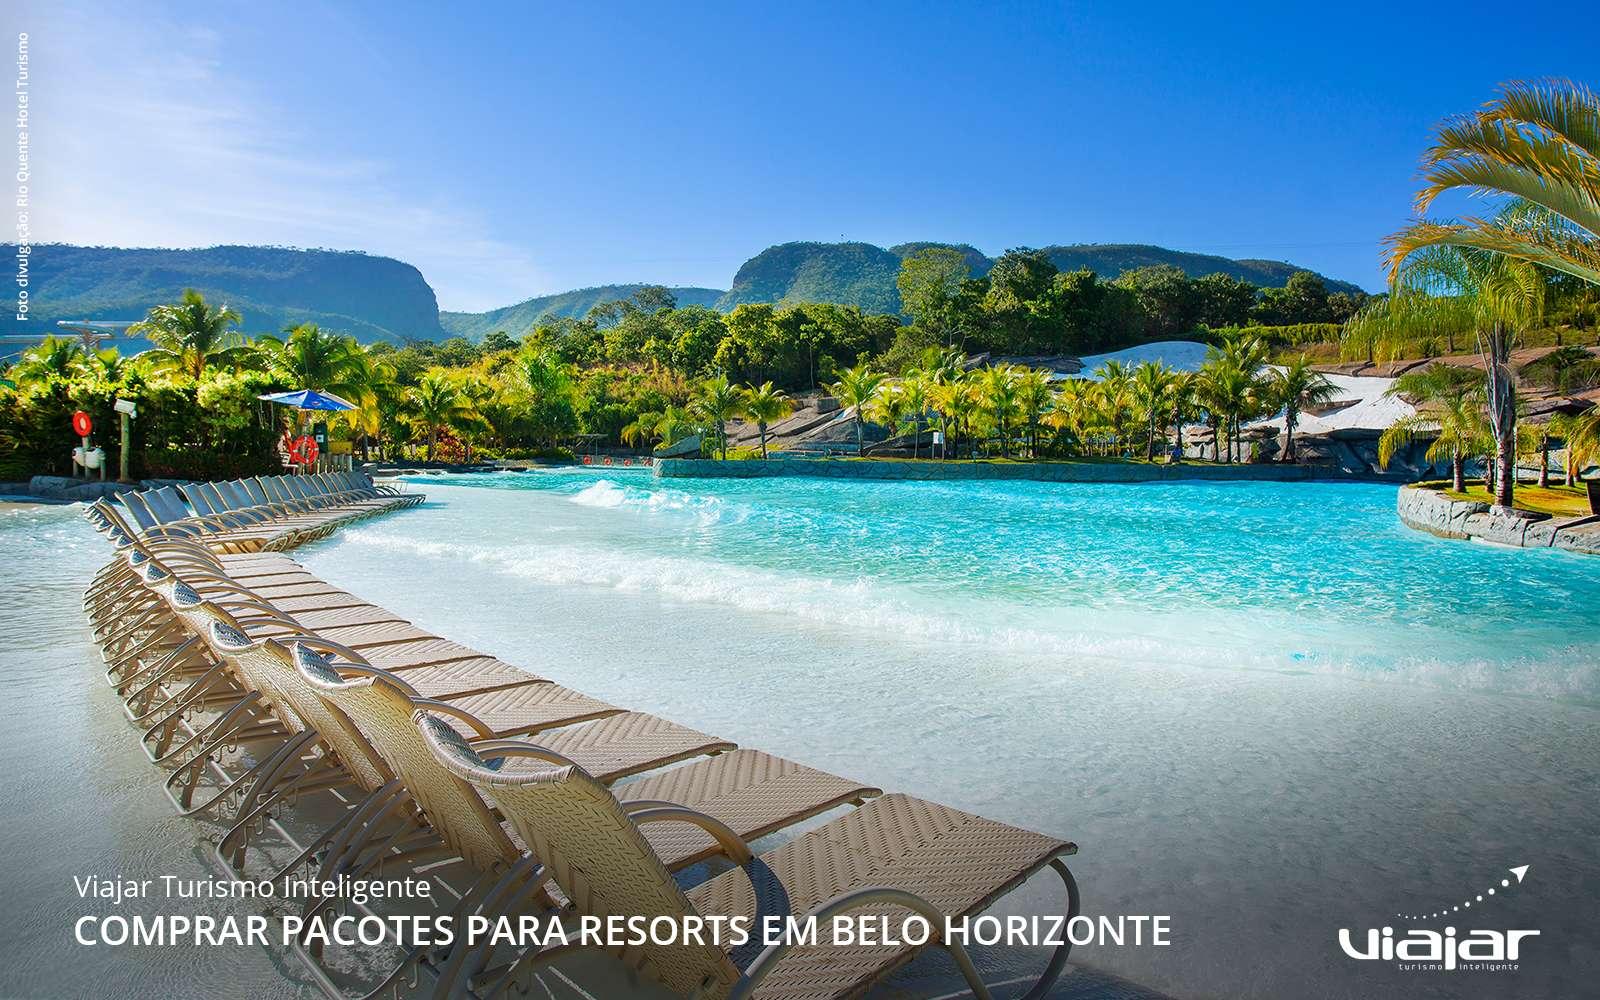 viajar-turismo-inteligente-comprar-pacotes-resorts-belo-horizonte-minas-gerais-13-1